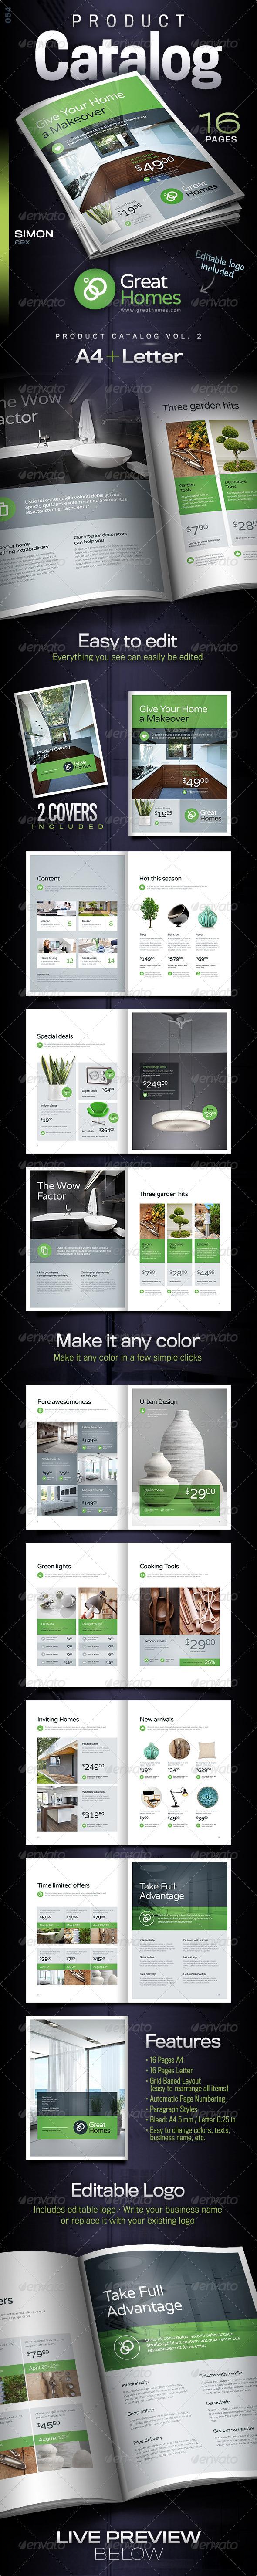 Product Catalog Vol. 2 - Catalogs Brochures